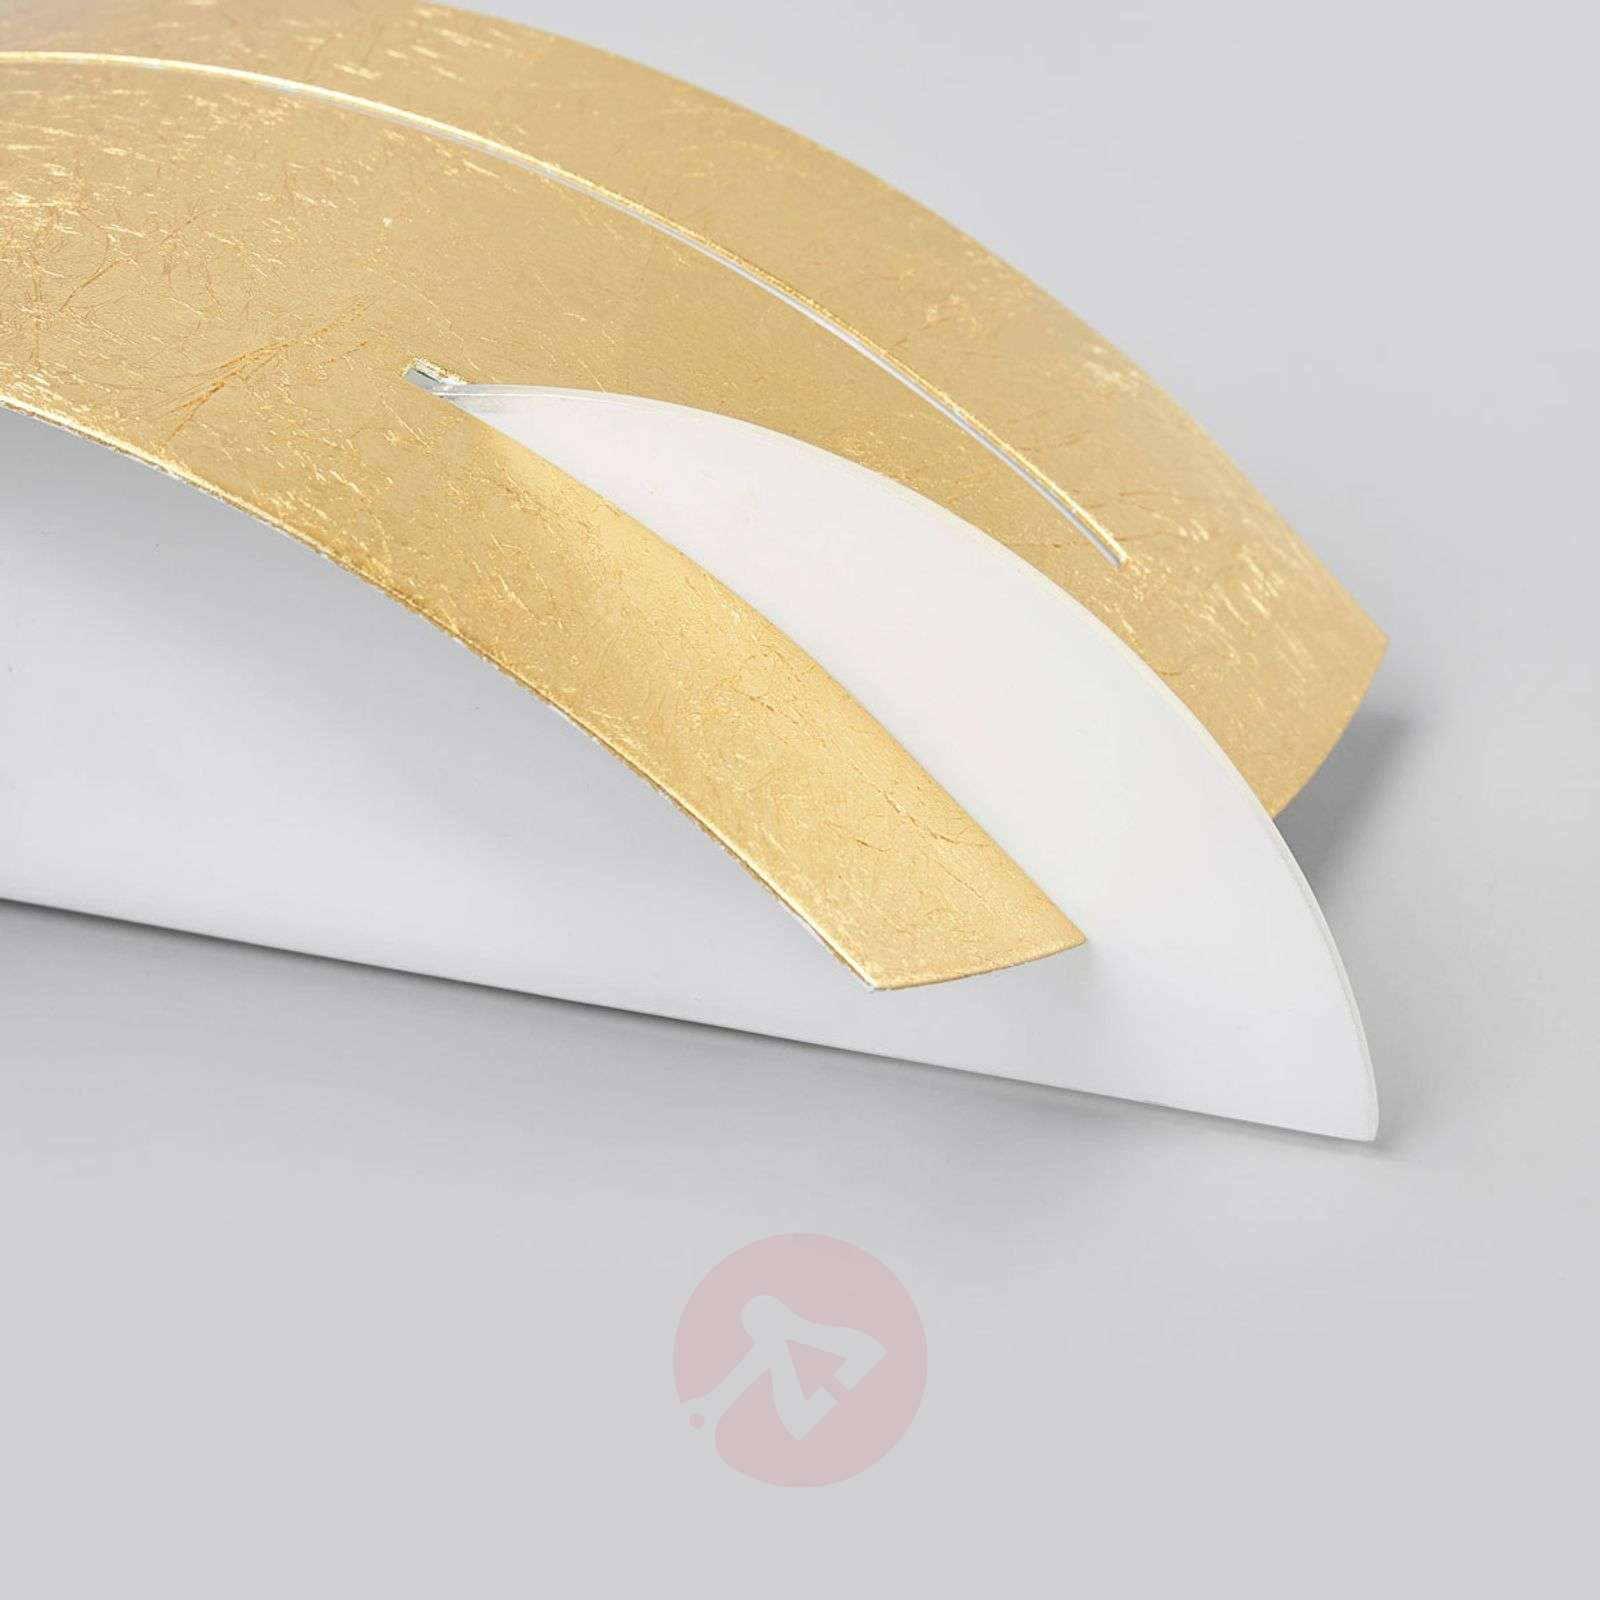 Keyron kultainen seinävalo, mattapinta-9625123-01